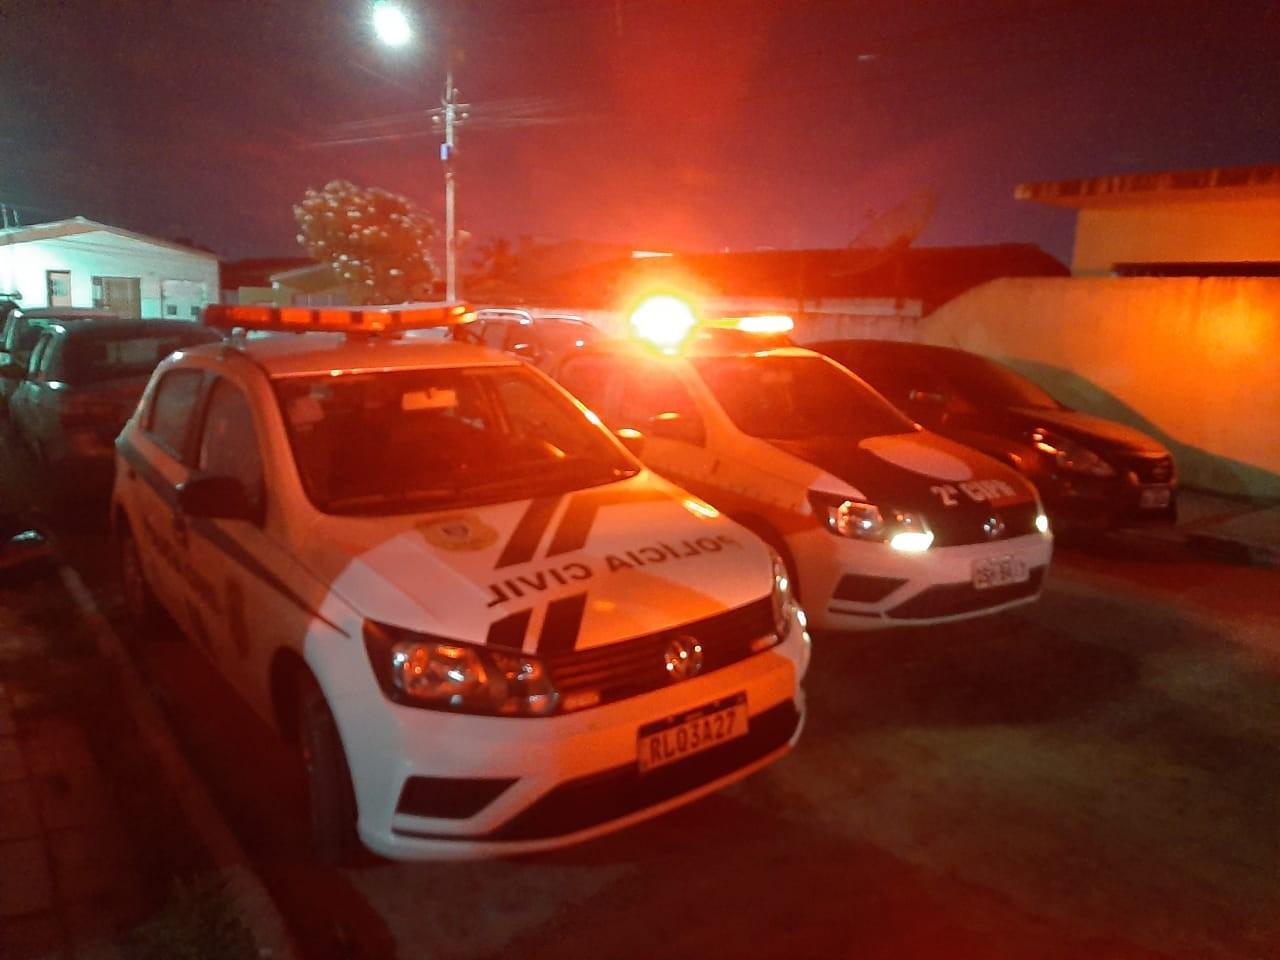 Duplo homicídio é registrado em Jacaraú, na Paraíba, e Polícia suspeita de rivalidade entre facções